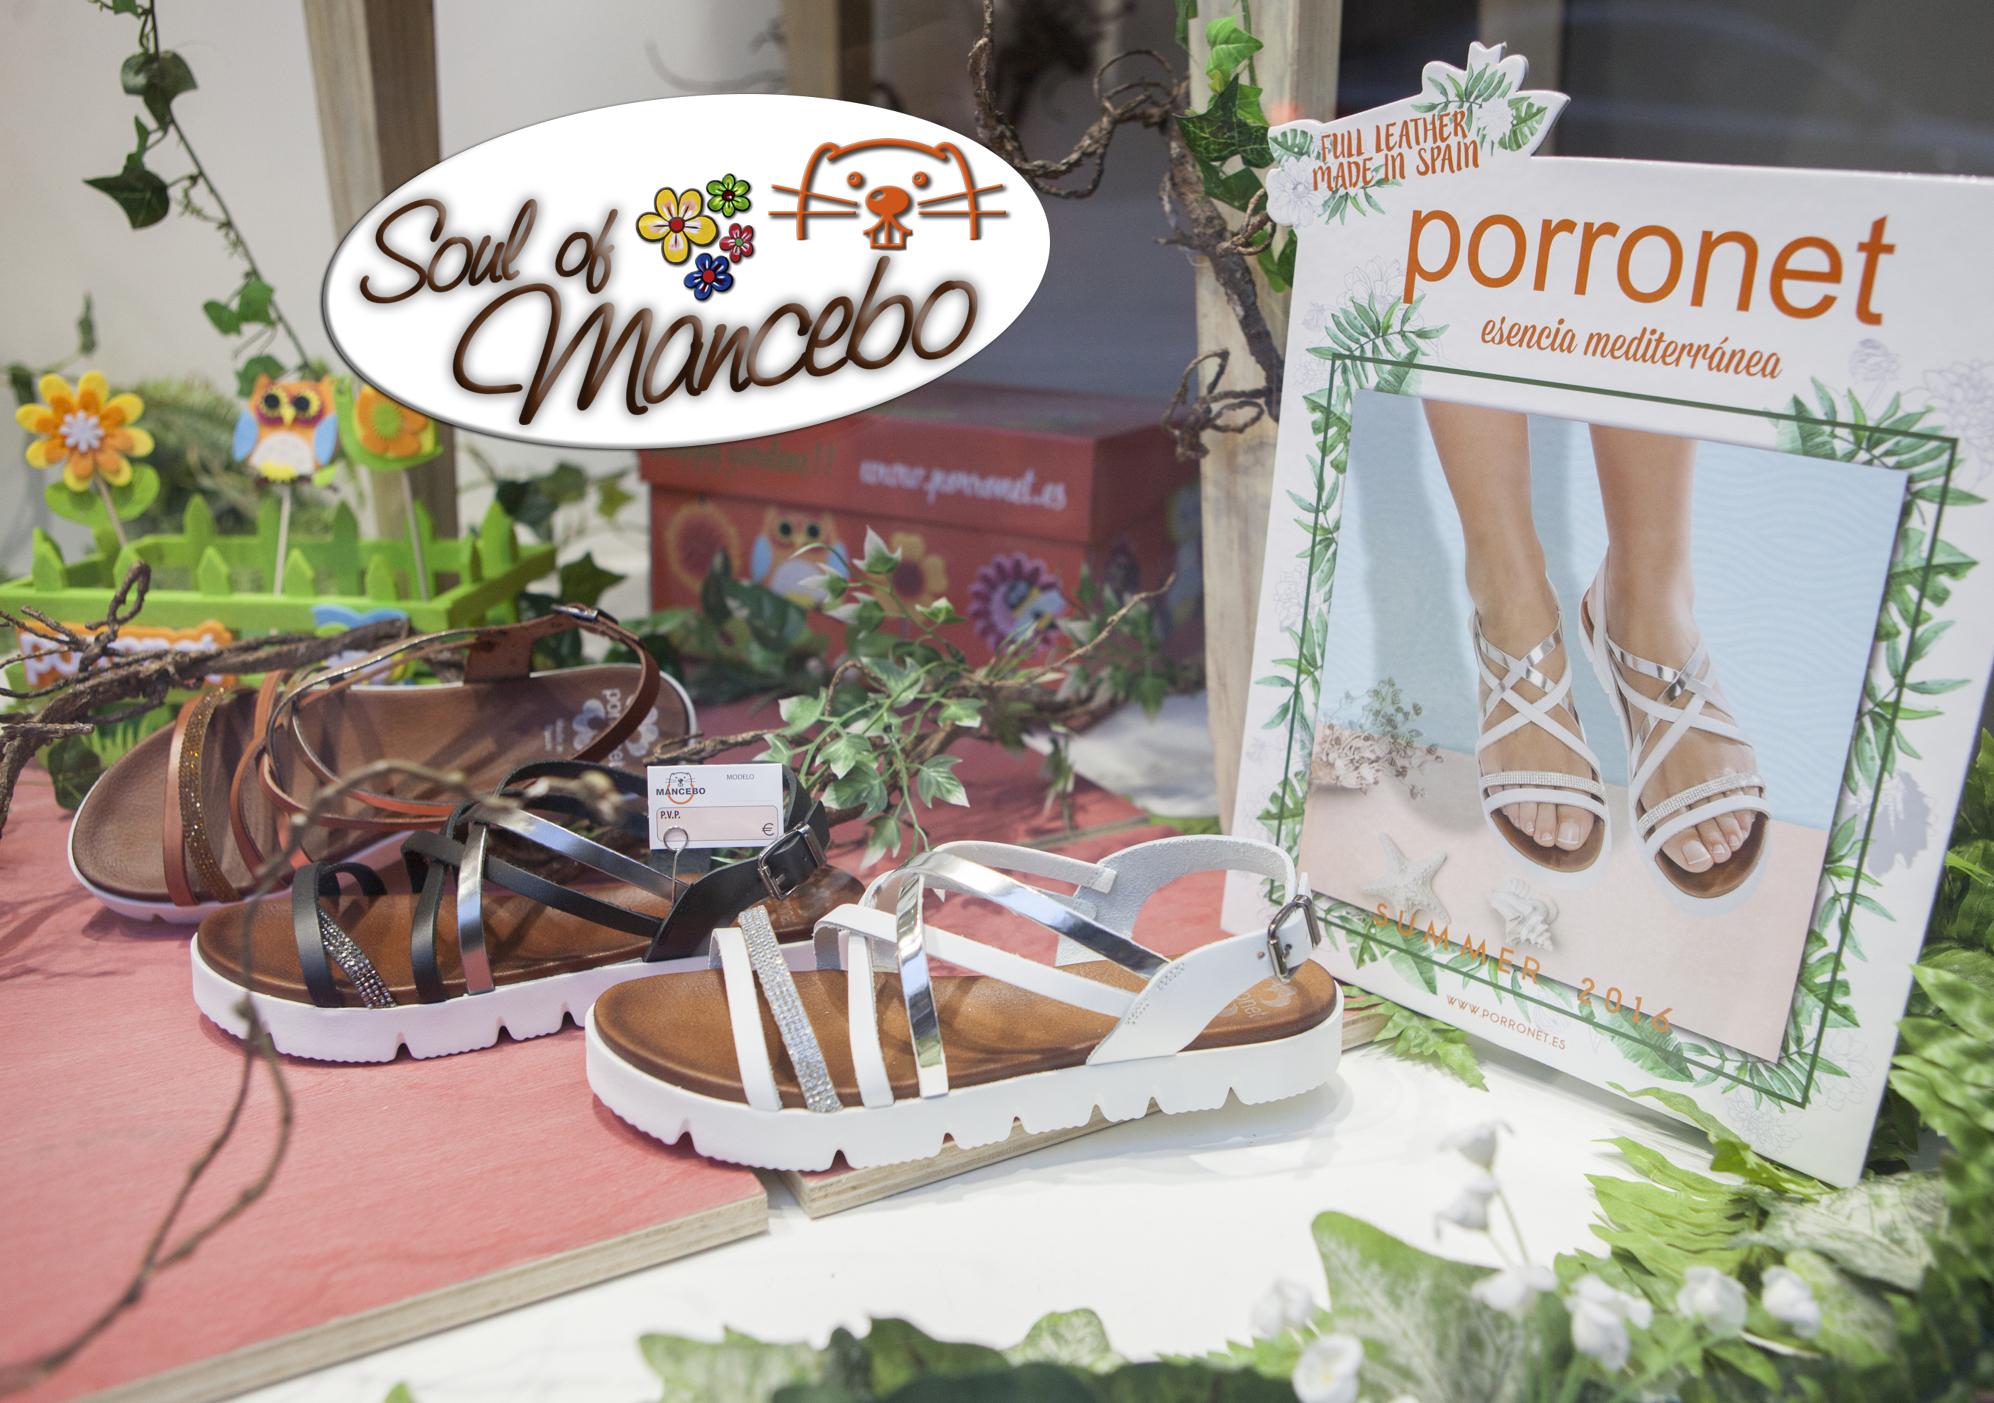 La ganadora de las sandalias de Porronet es…